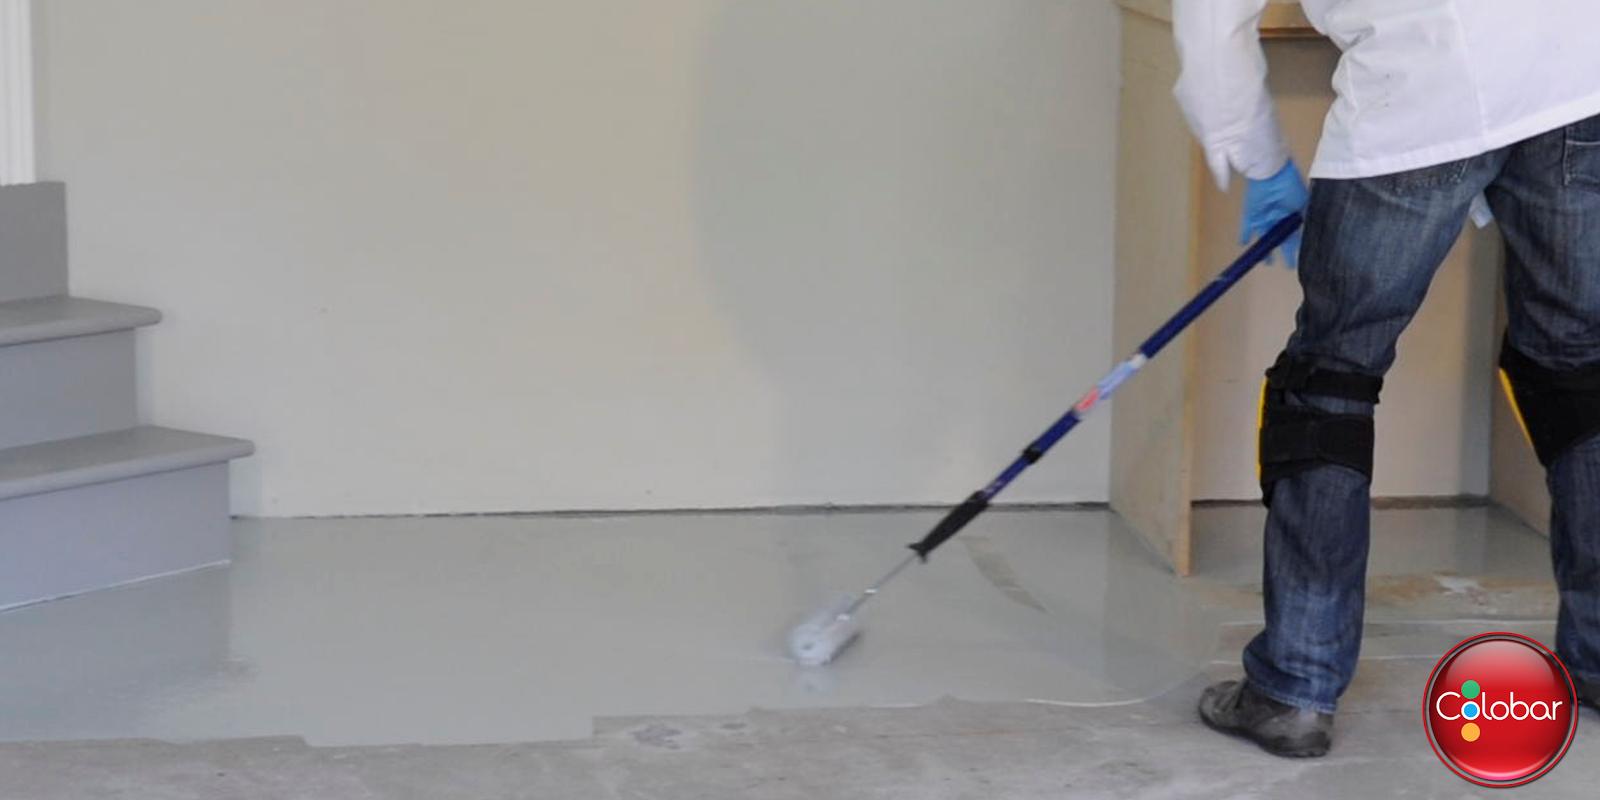 Colobar peinture et d coration comment appliquer l poxy 100 solide sur un plancher de ciment for Peinture effet beton sur bois